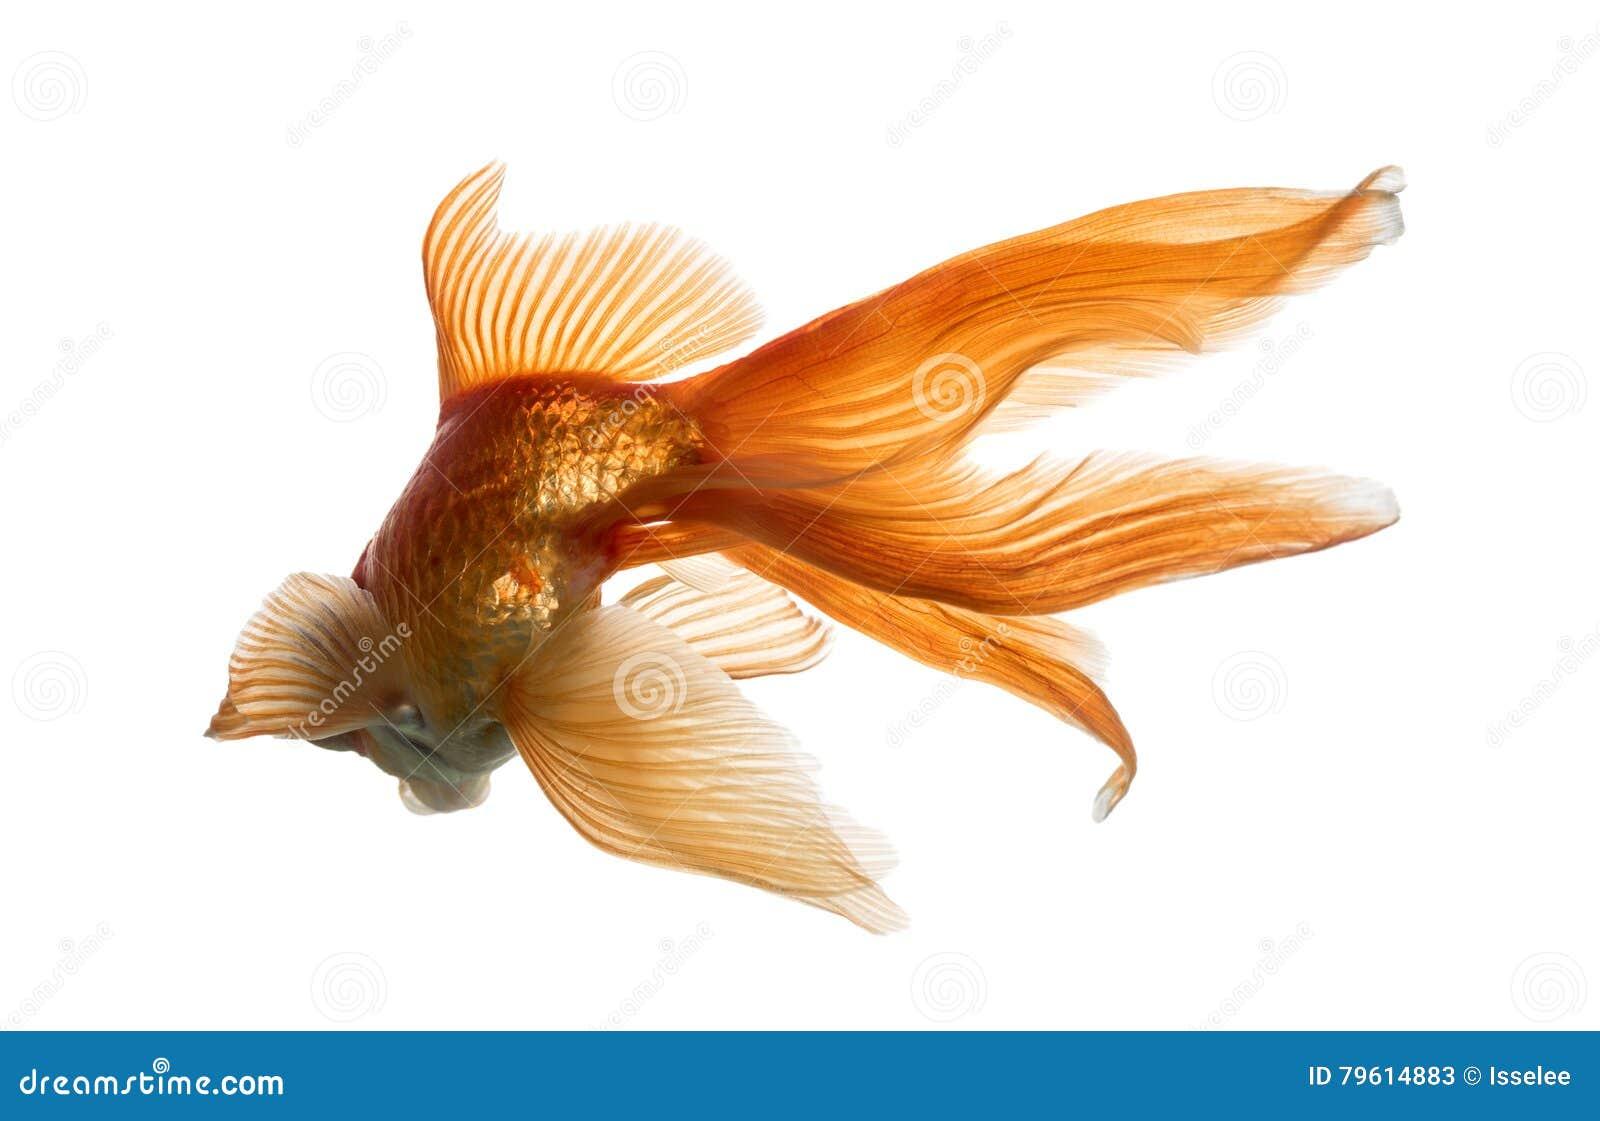 Opinião traseira um peixe dourado na água, islolated no branco